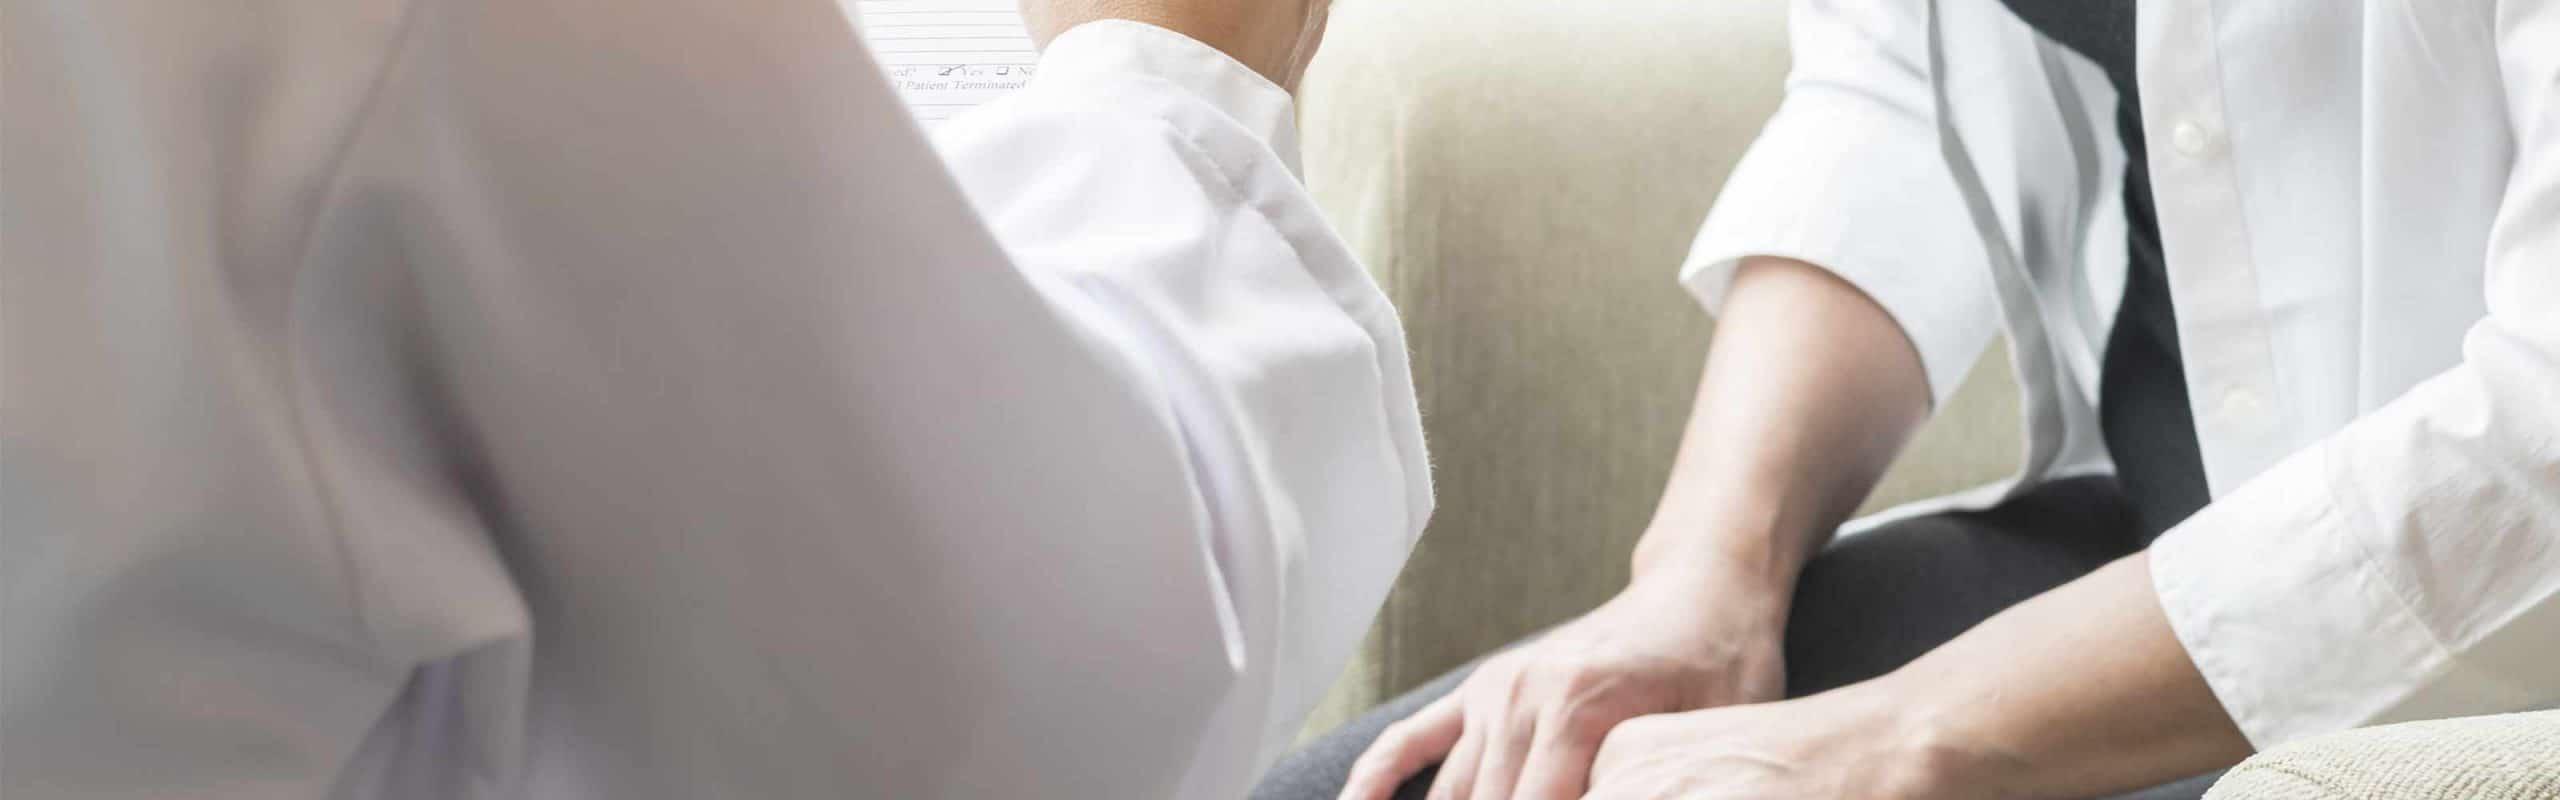 Primeiros sinais da síndrome da fibromialgia